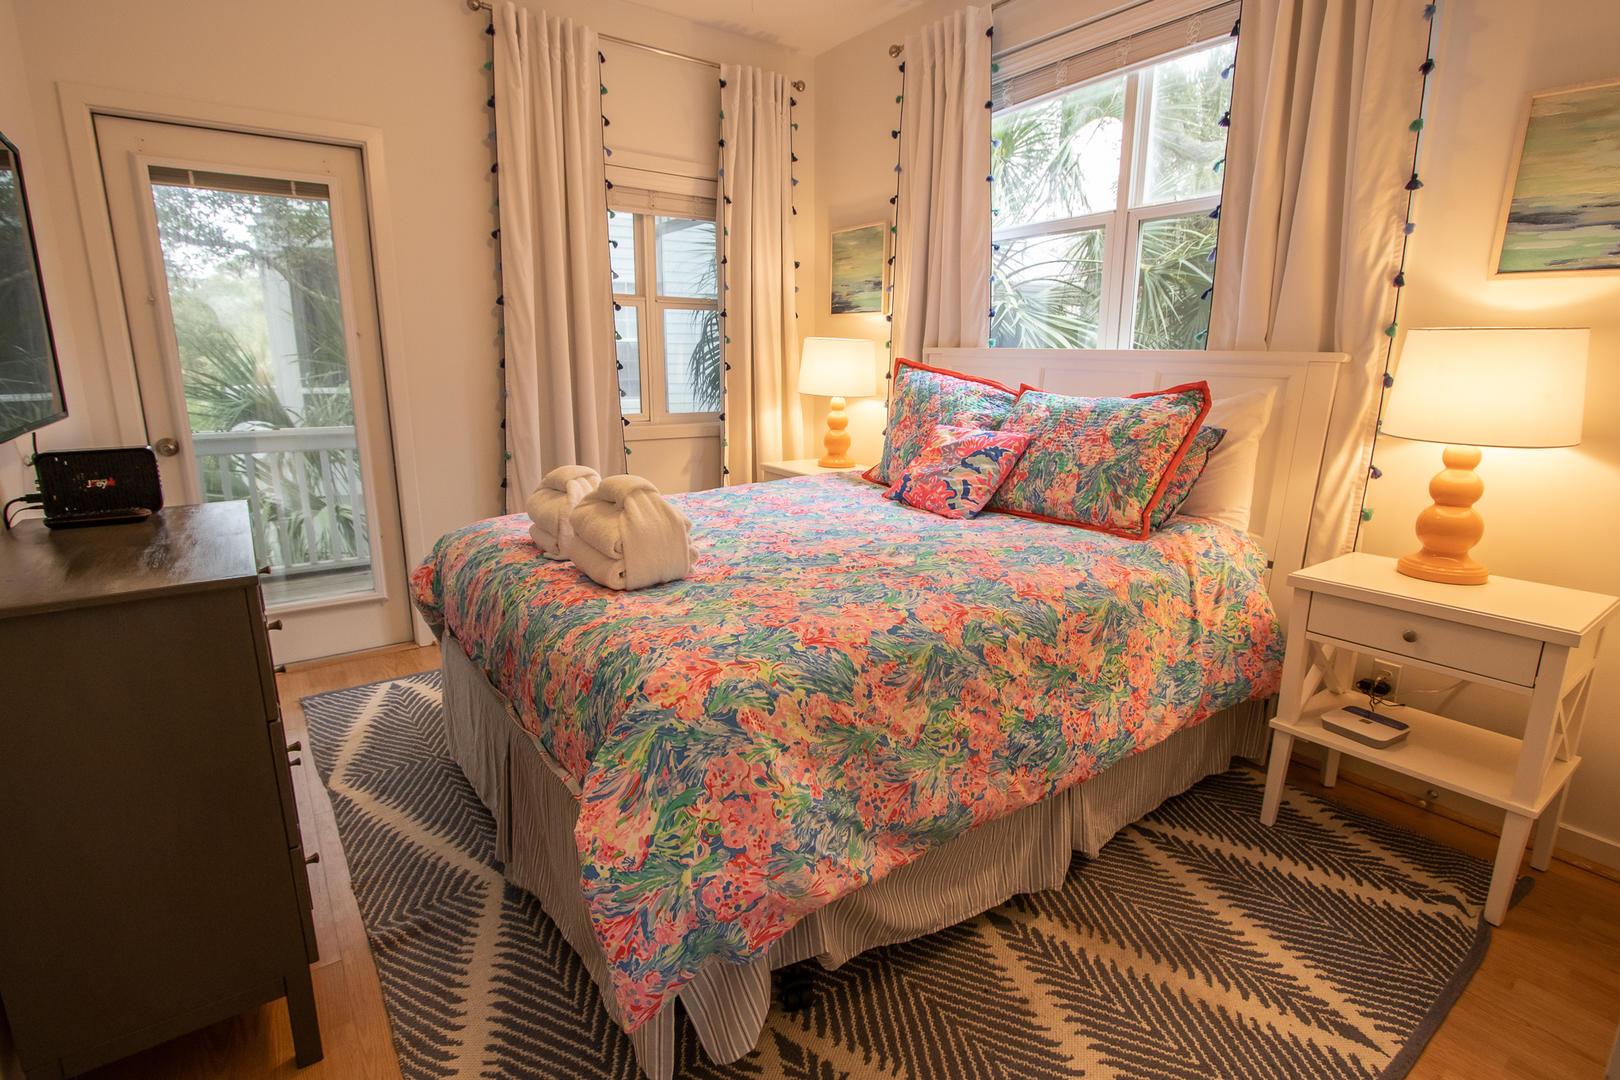 Bedroom 2, TV, access to screened balcony